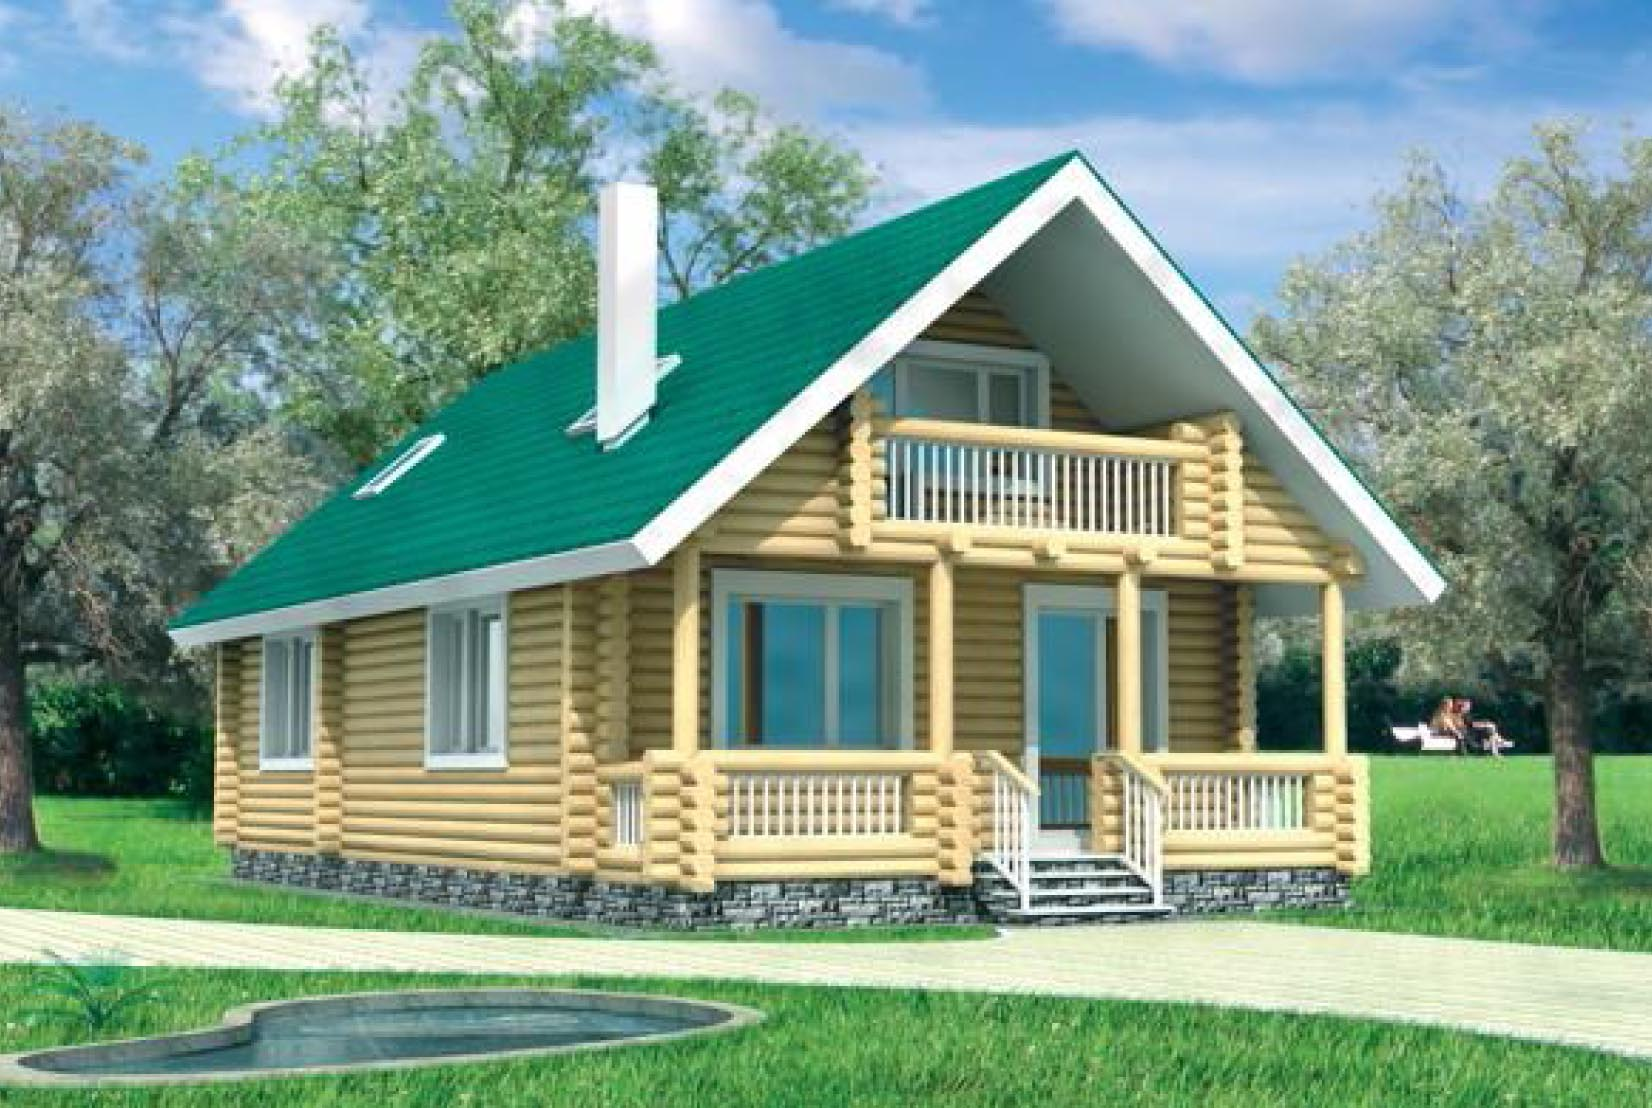 Проект дома из бревна дб-6 - царский домик. проект, цена, фо.